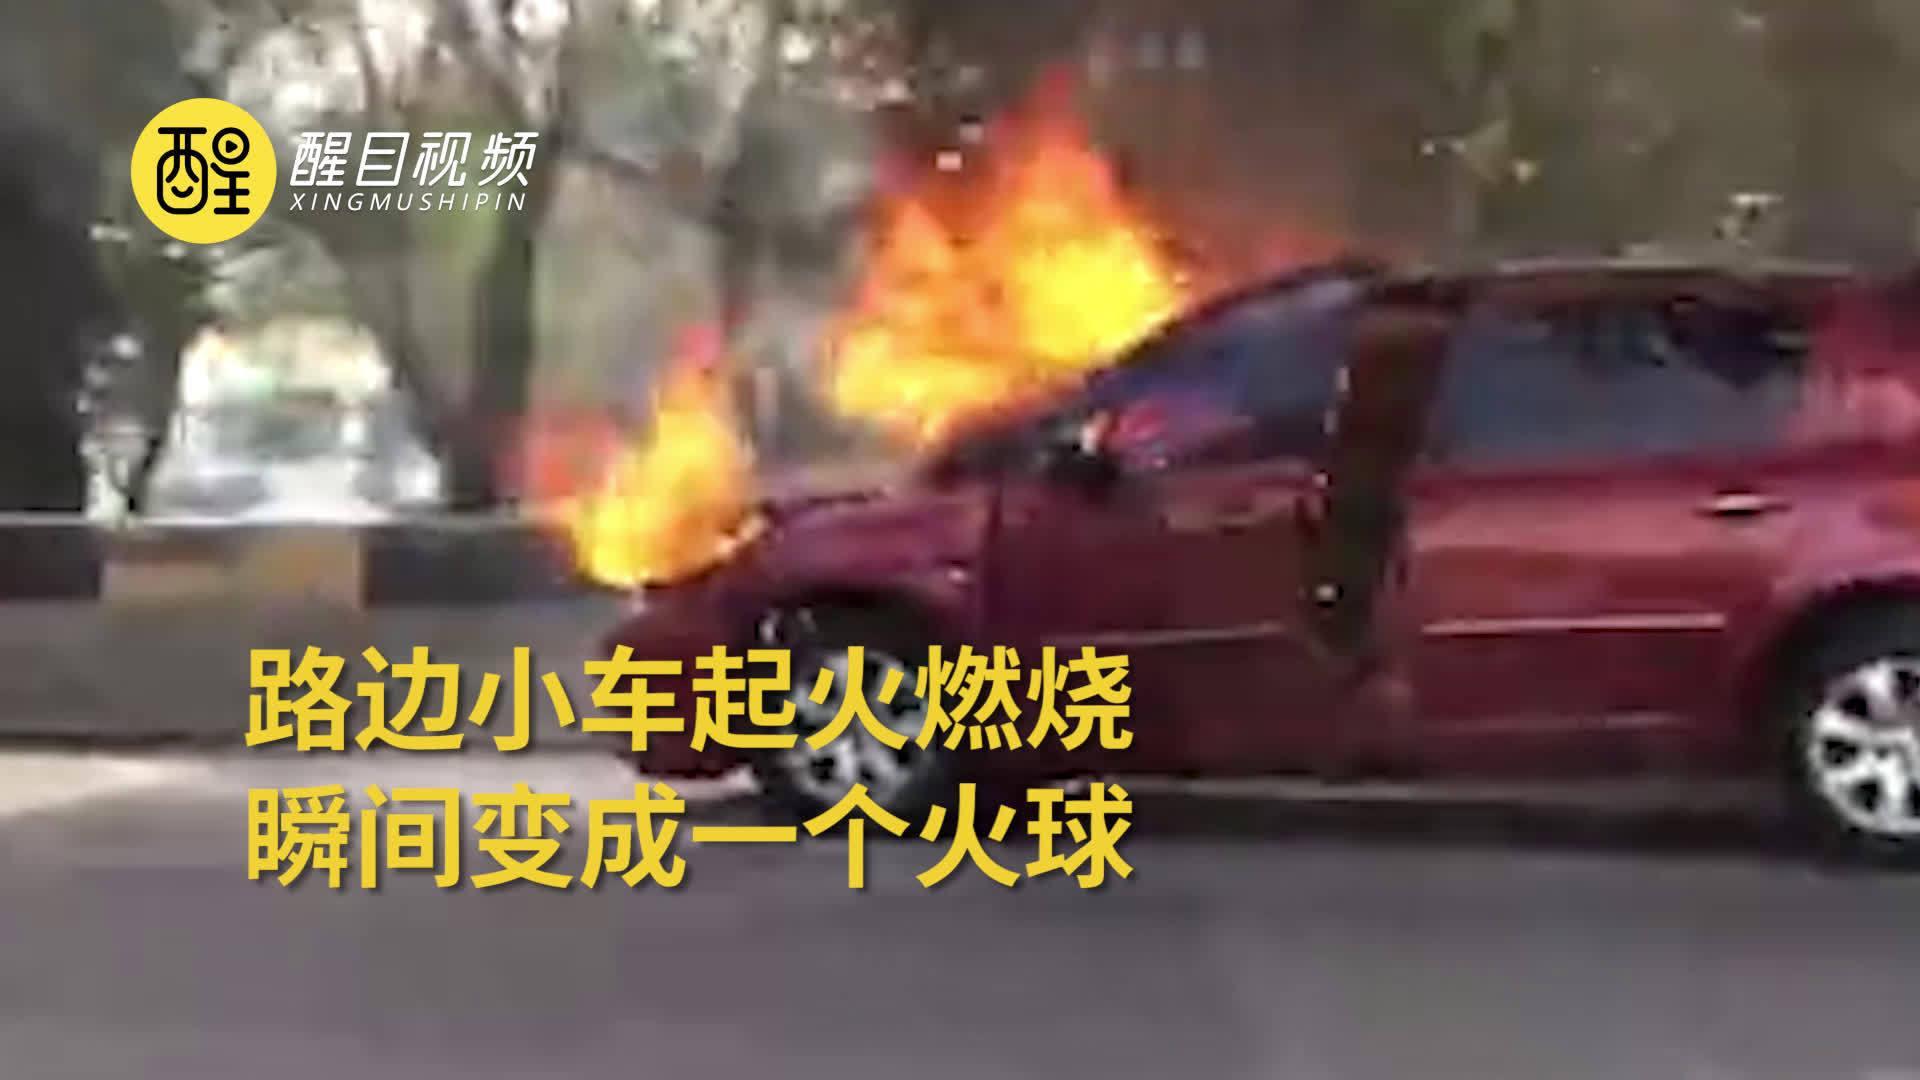 小车燃烧变火球 最后被烧只剩铁架